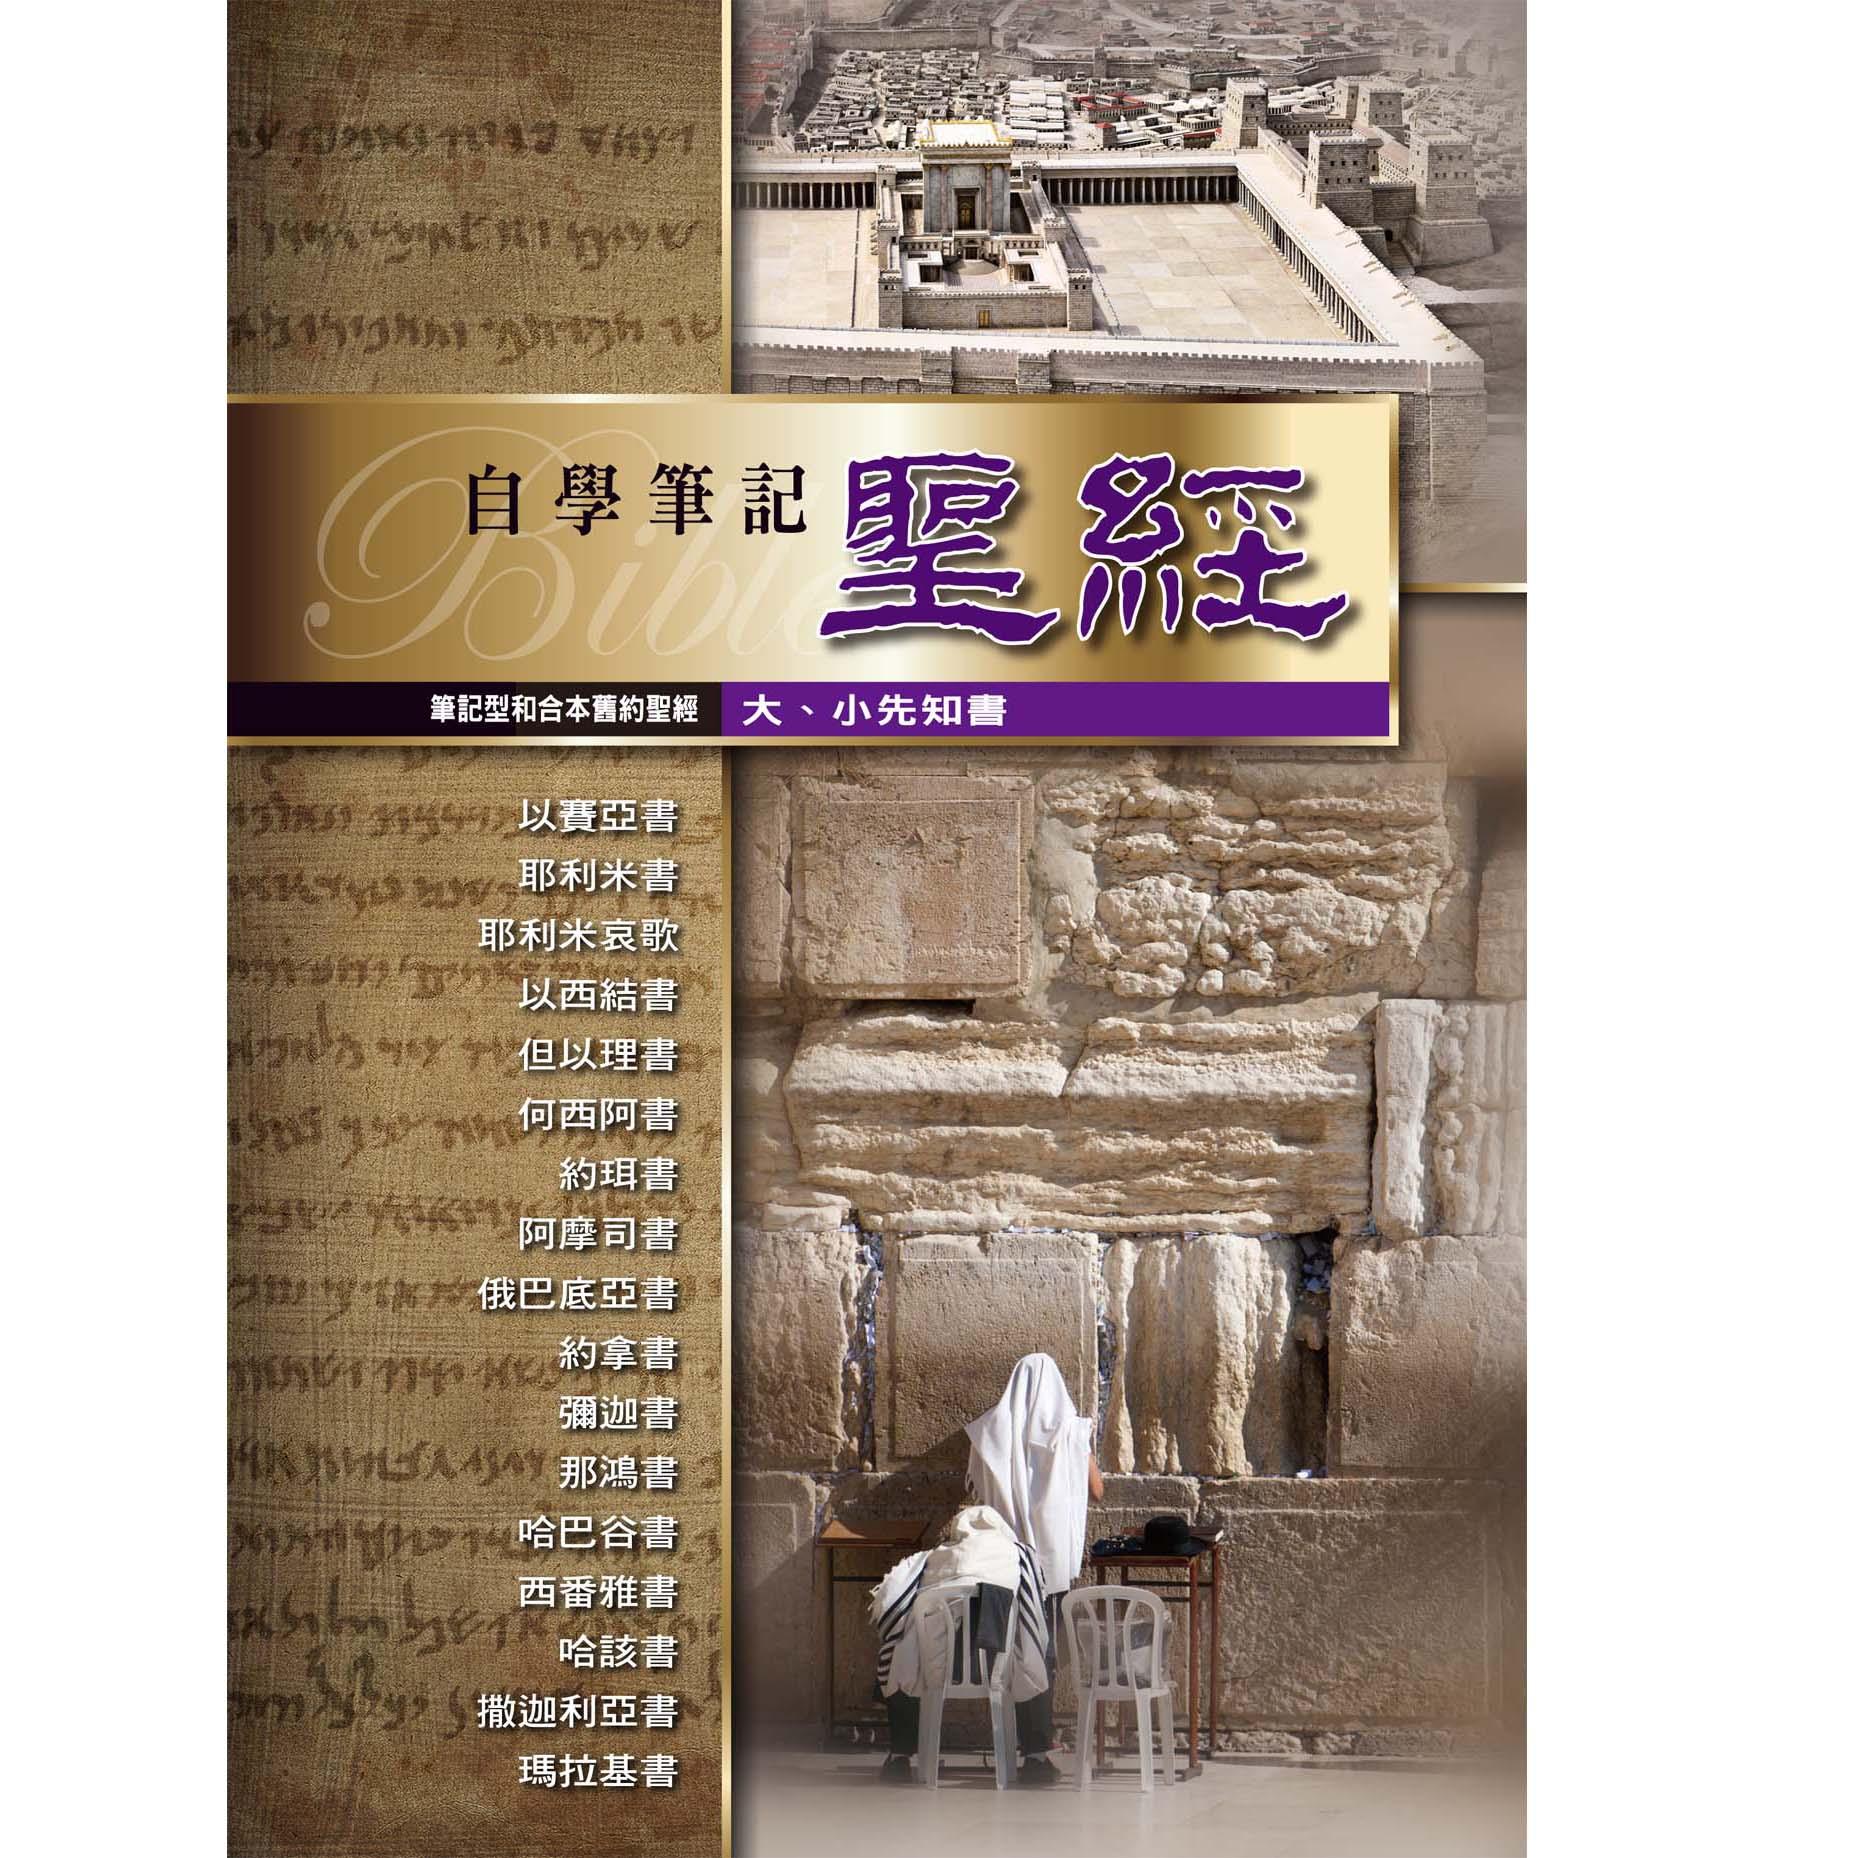 筆記聖經(大小先知書)